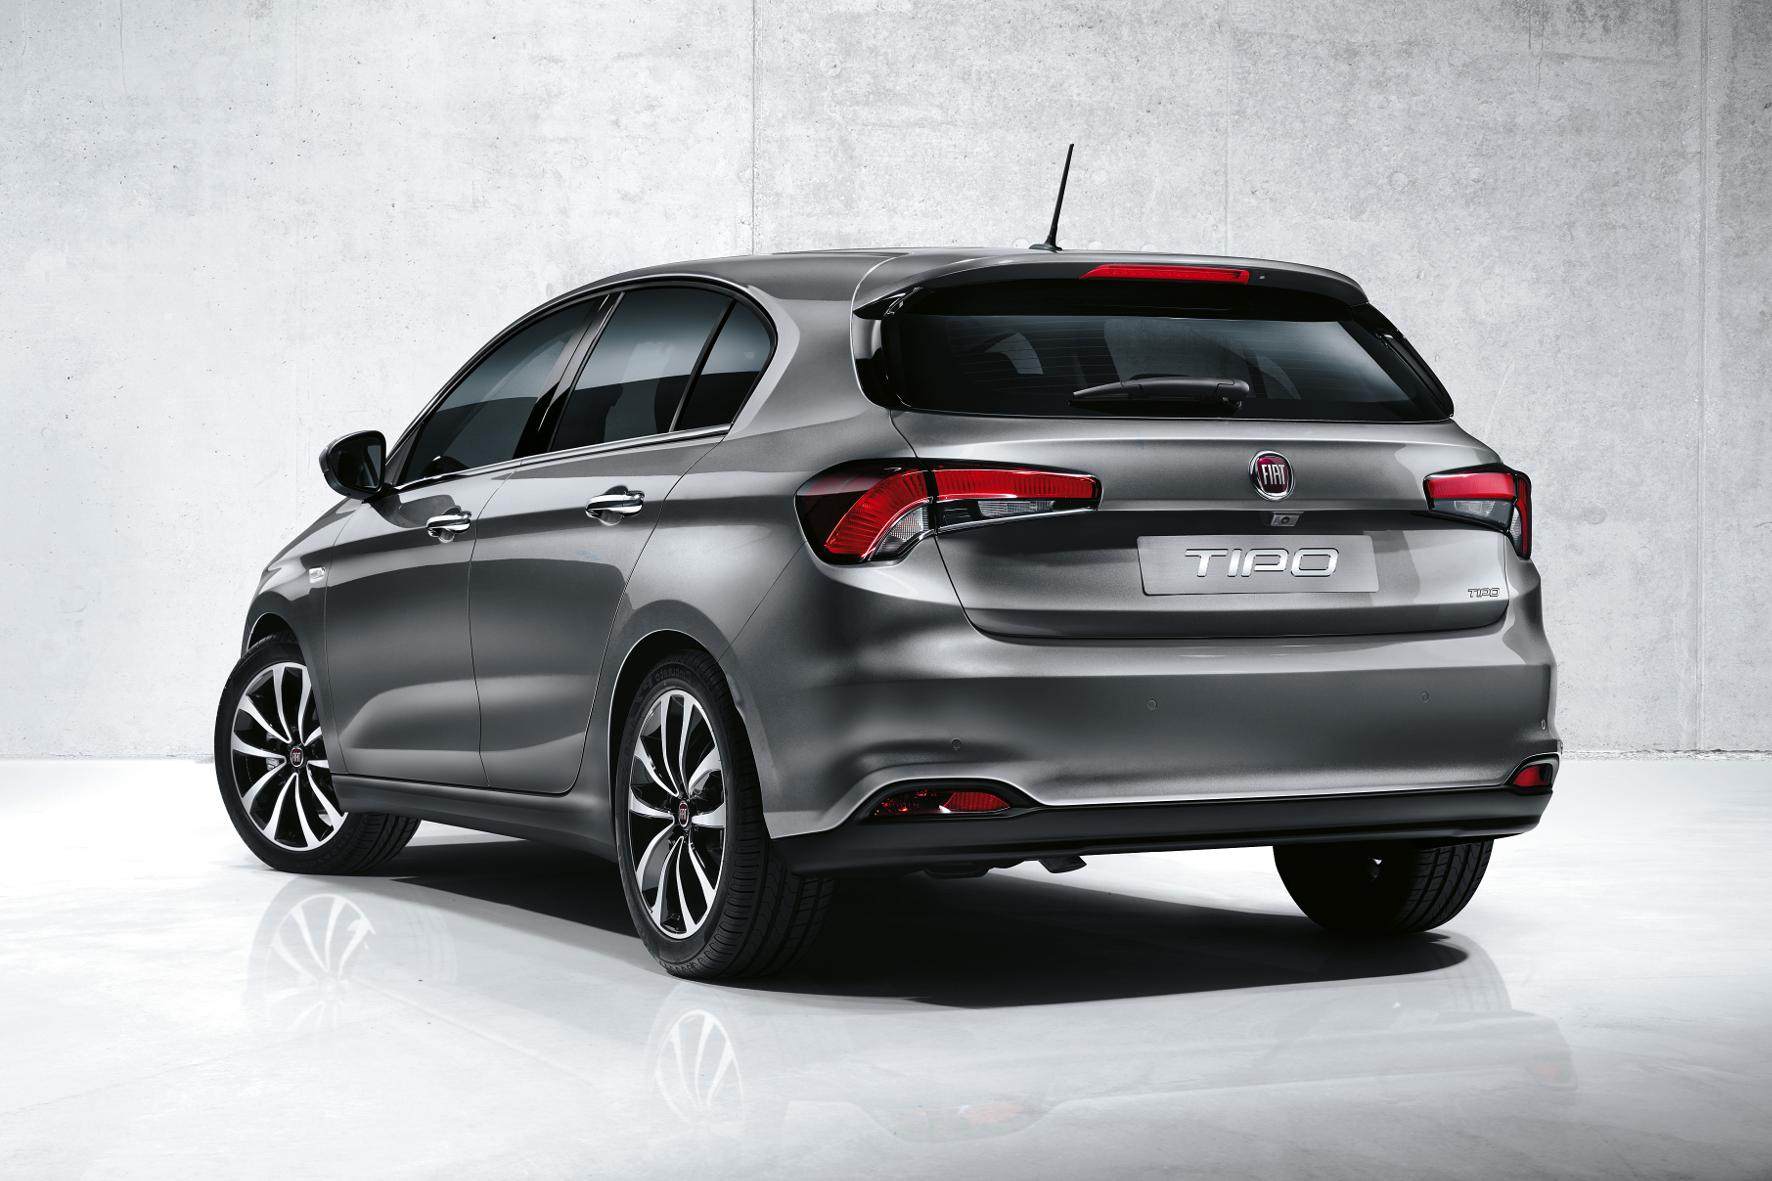 Typisch Tipo: Die Schrägheckversion des preisgünstigen Fiat wird bei uns wohl das meistverkaufte Modell werden.